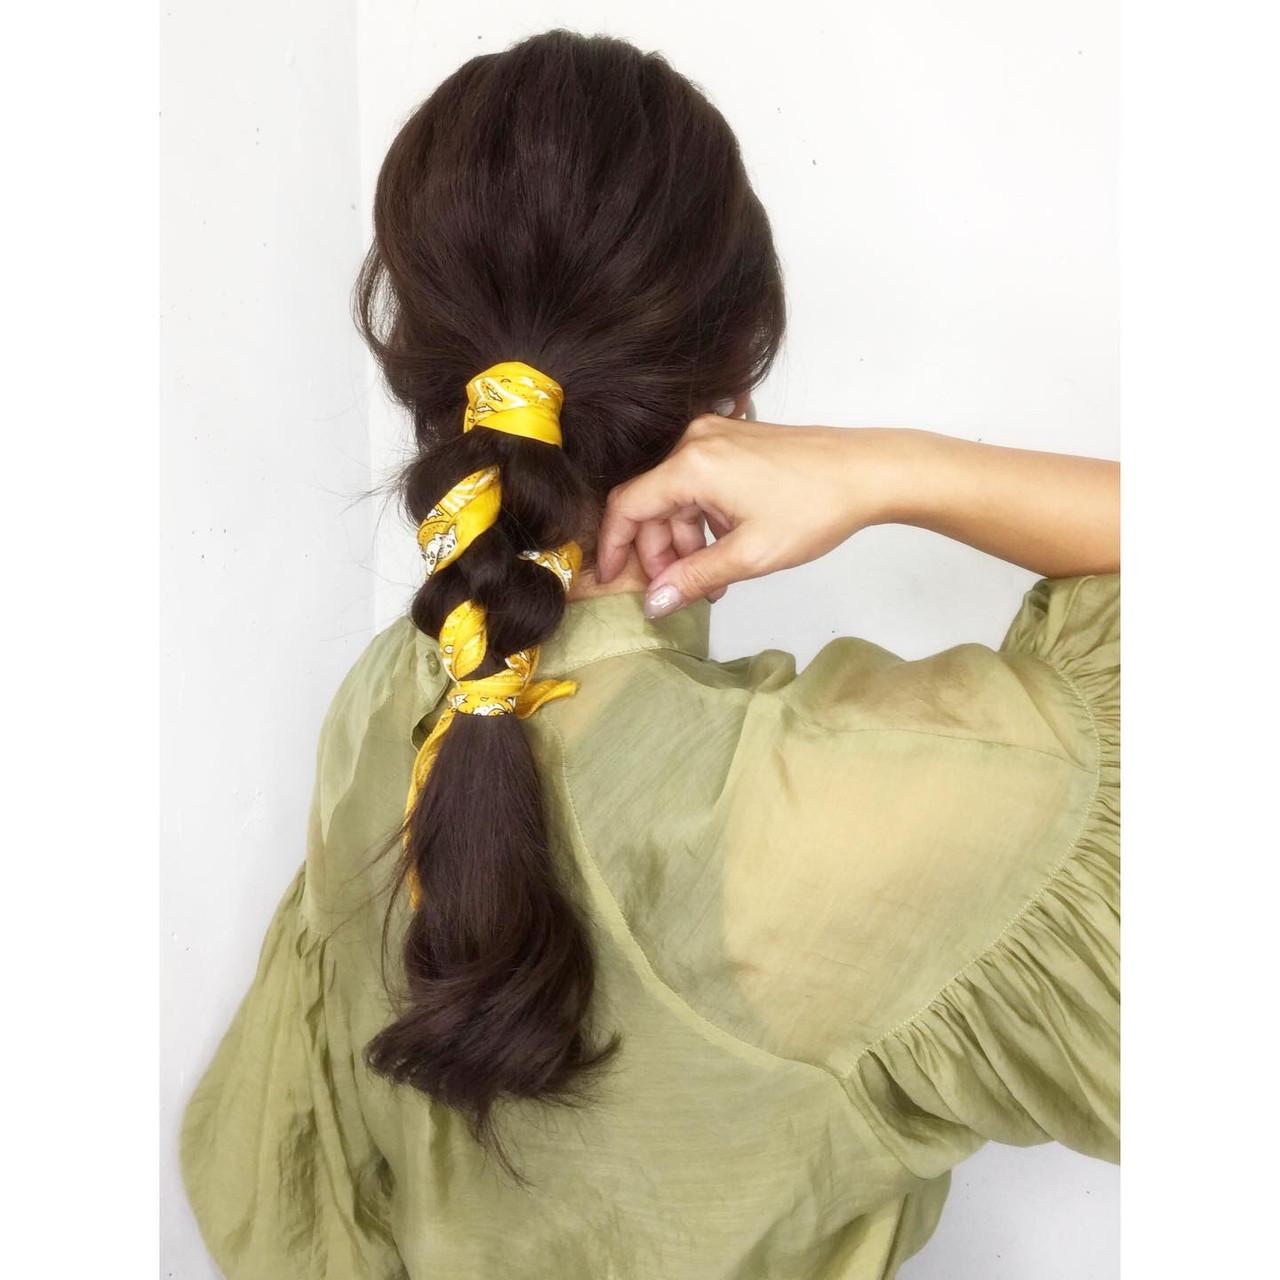 スカーフアレンジ ナチュラル ヘアアレンジ ロング ヘアスタイルや髪型の写真・画像